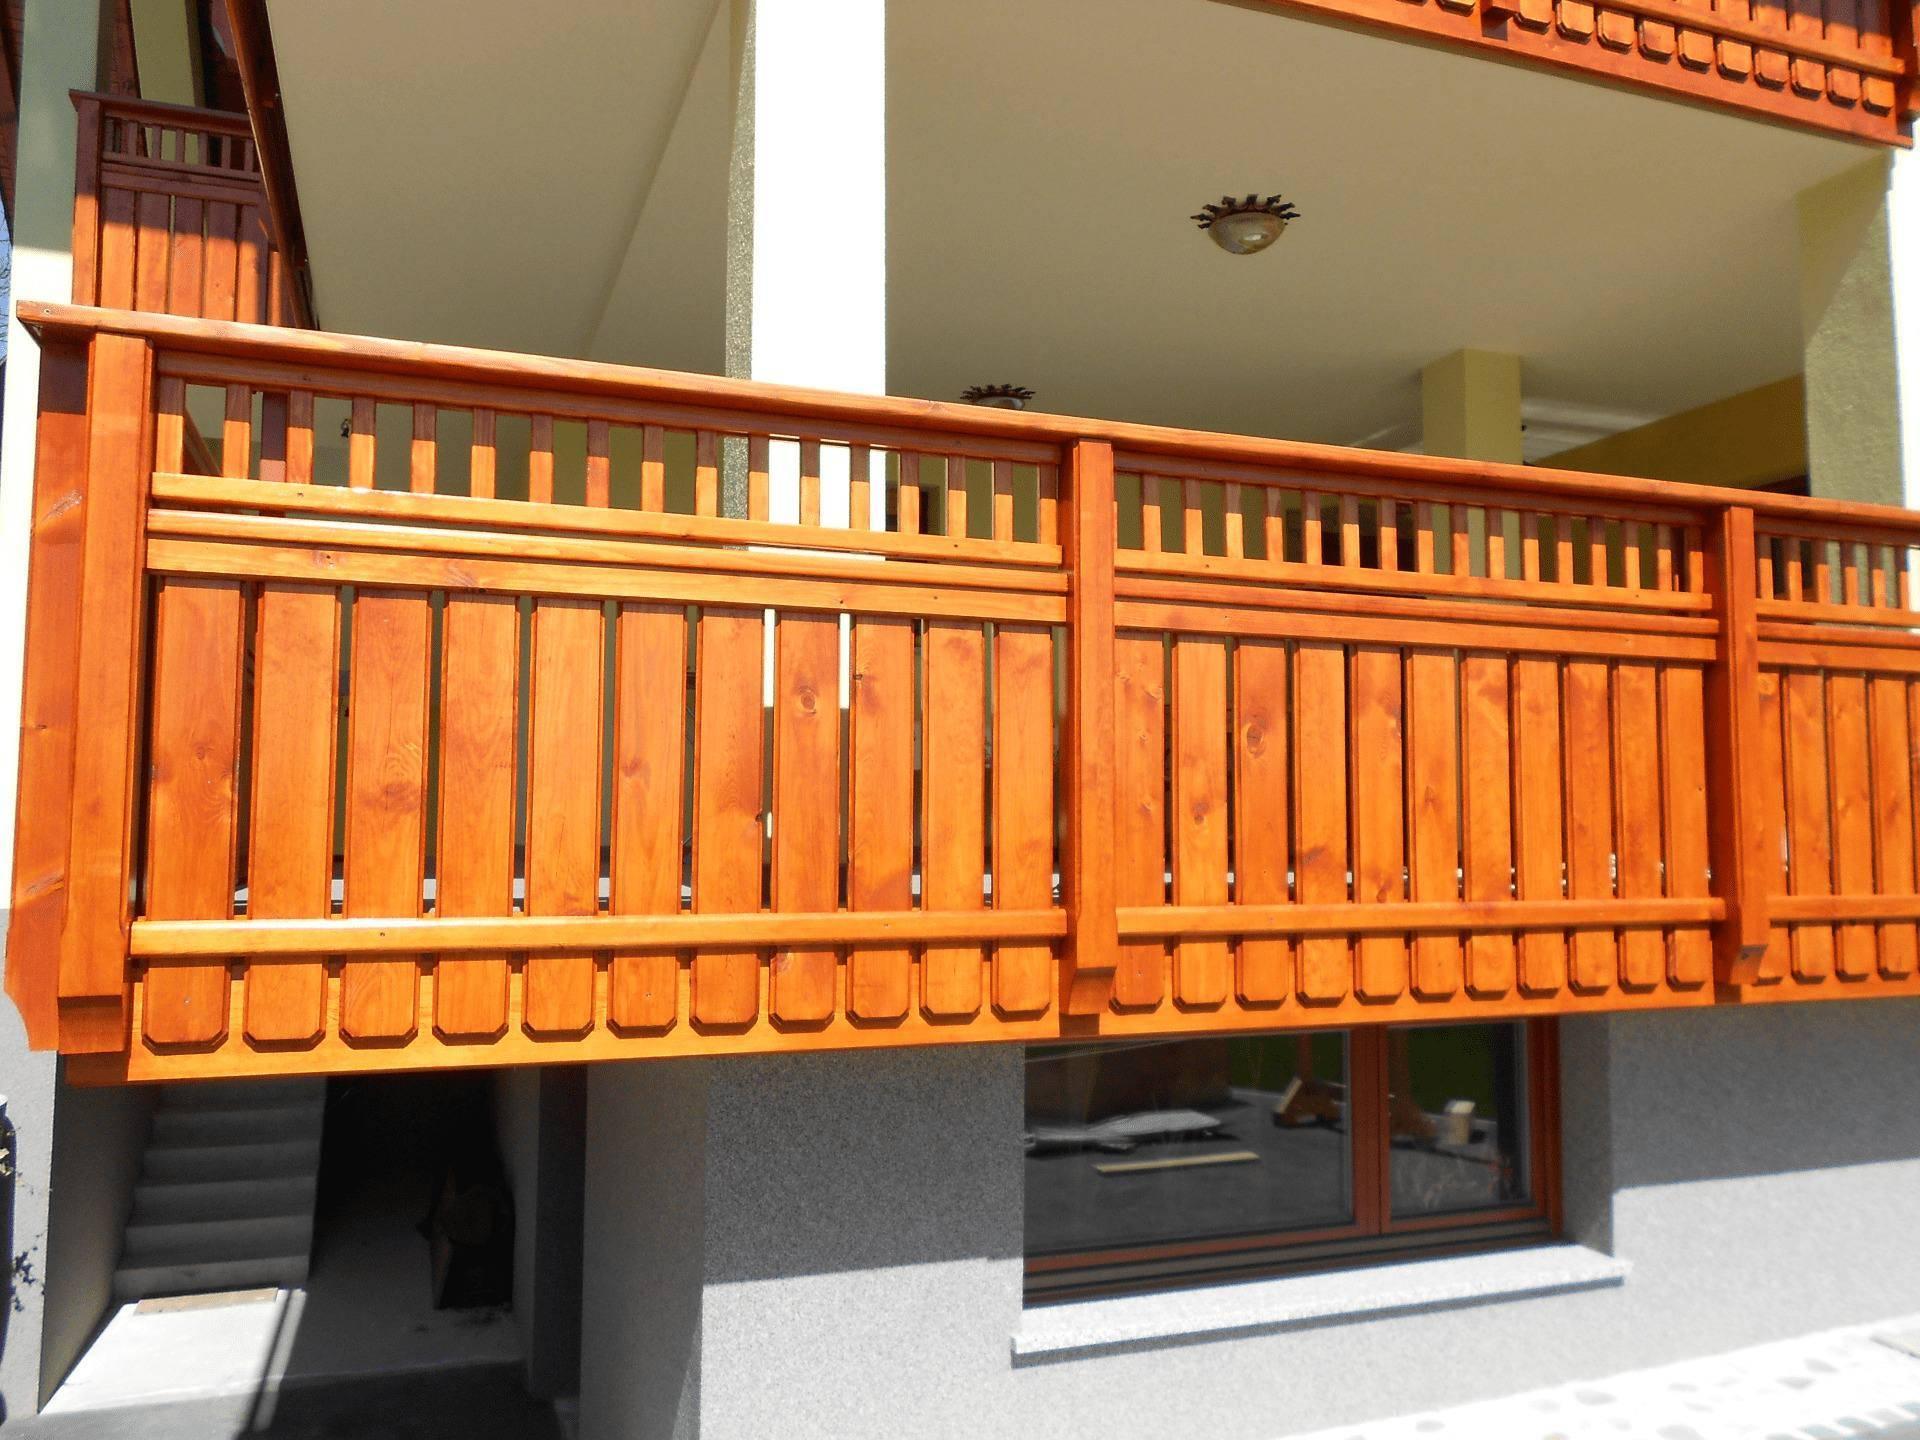 Kako primerno skrbeti za leseno ograjo?